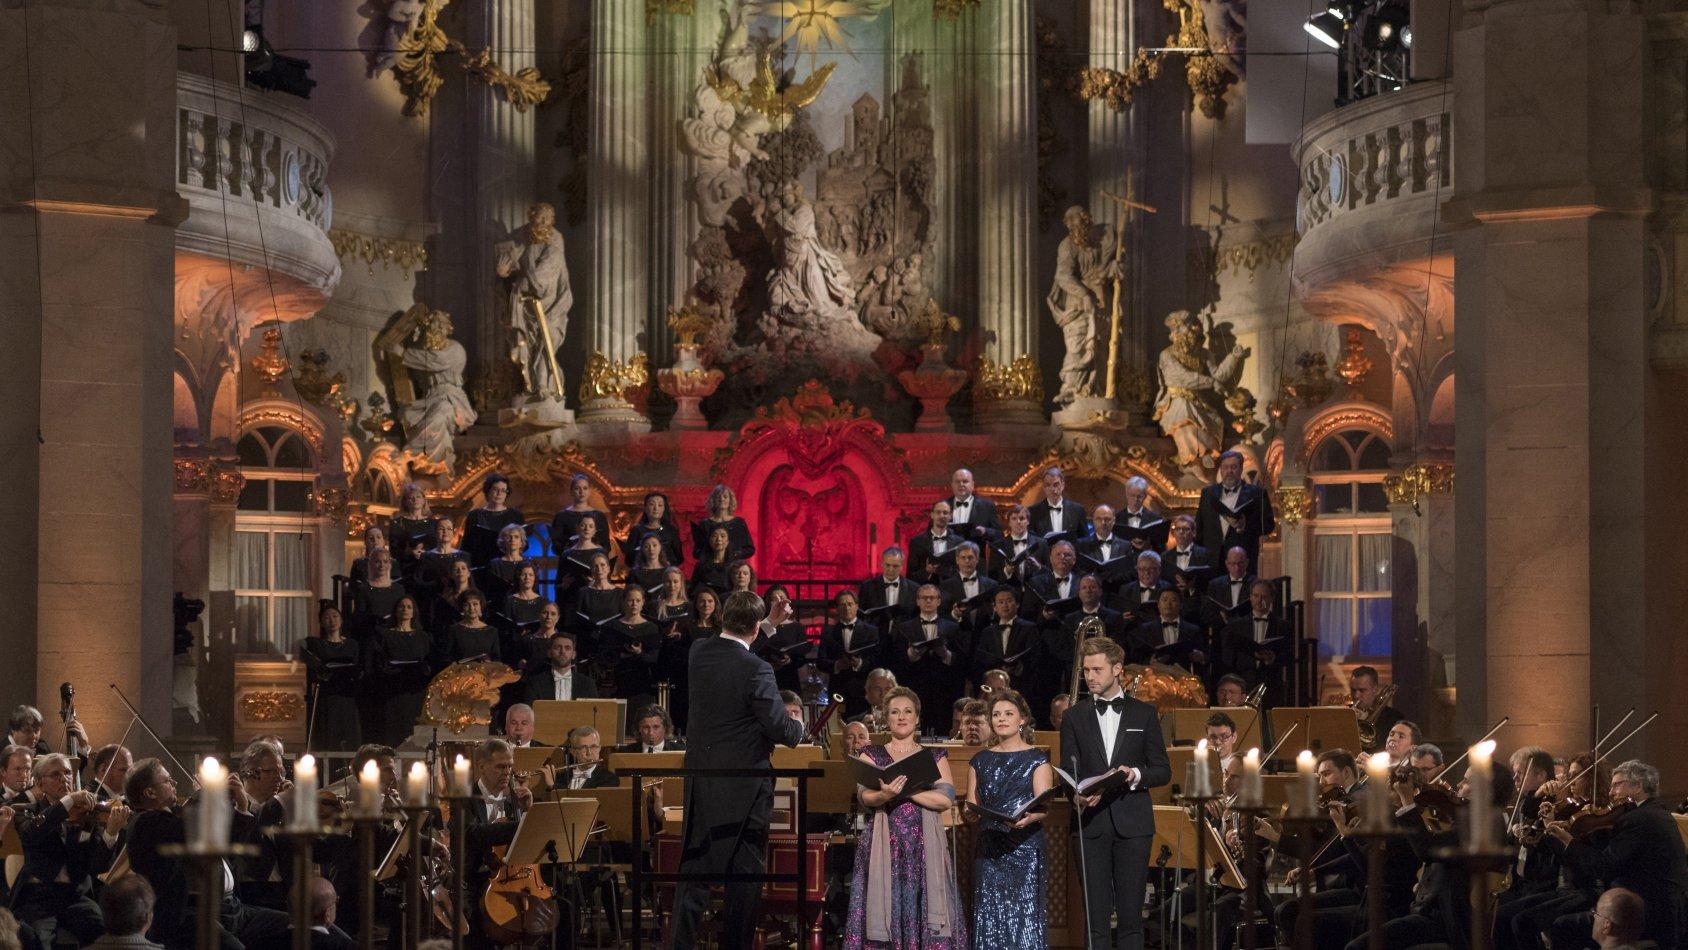 Adventskonsert i Dresdner Frauenkirche